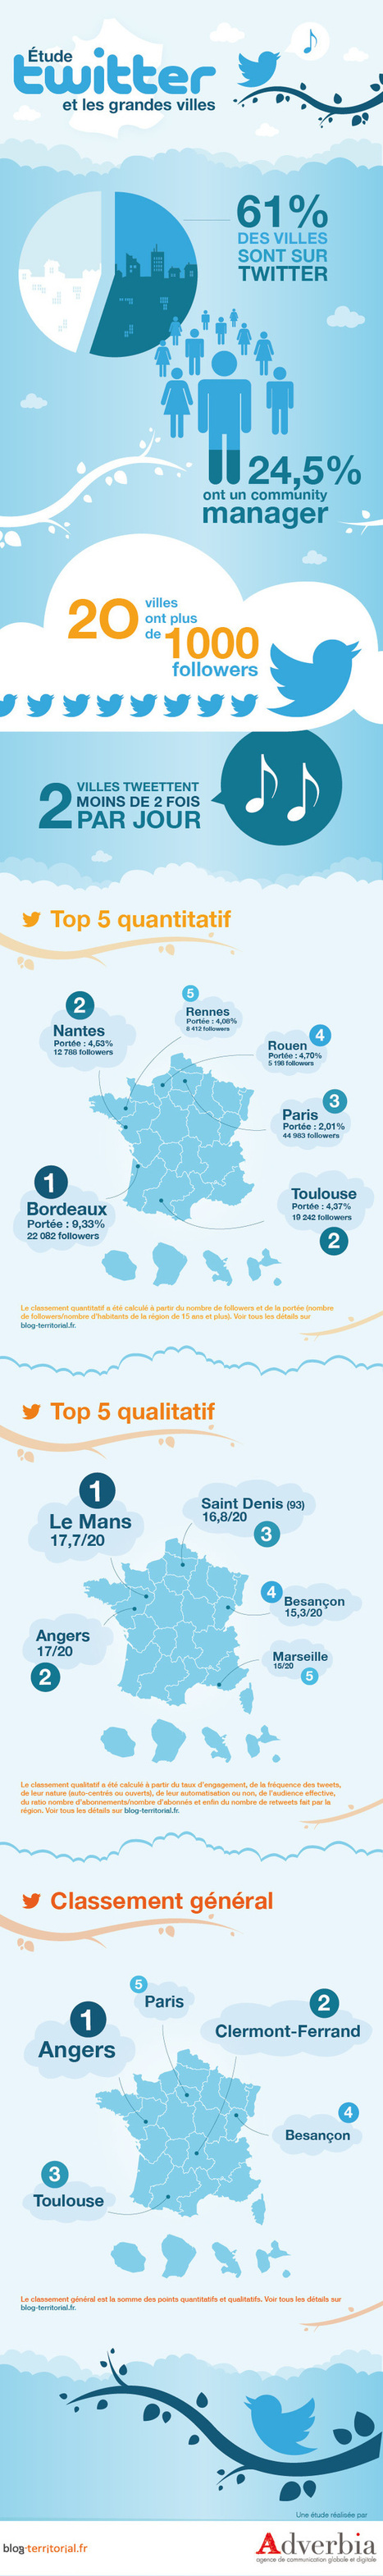 Twitter de plus en plus utilisé dans les grandes villes | Infographies social media | Scoop.it